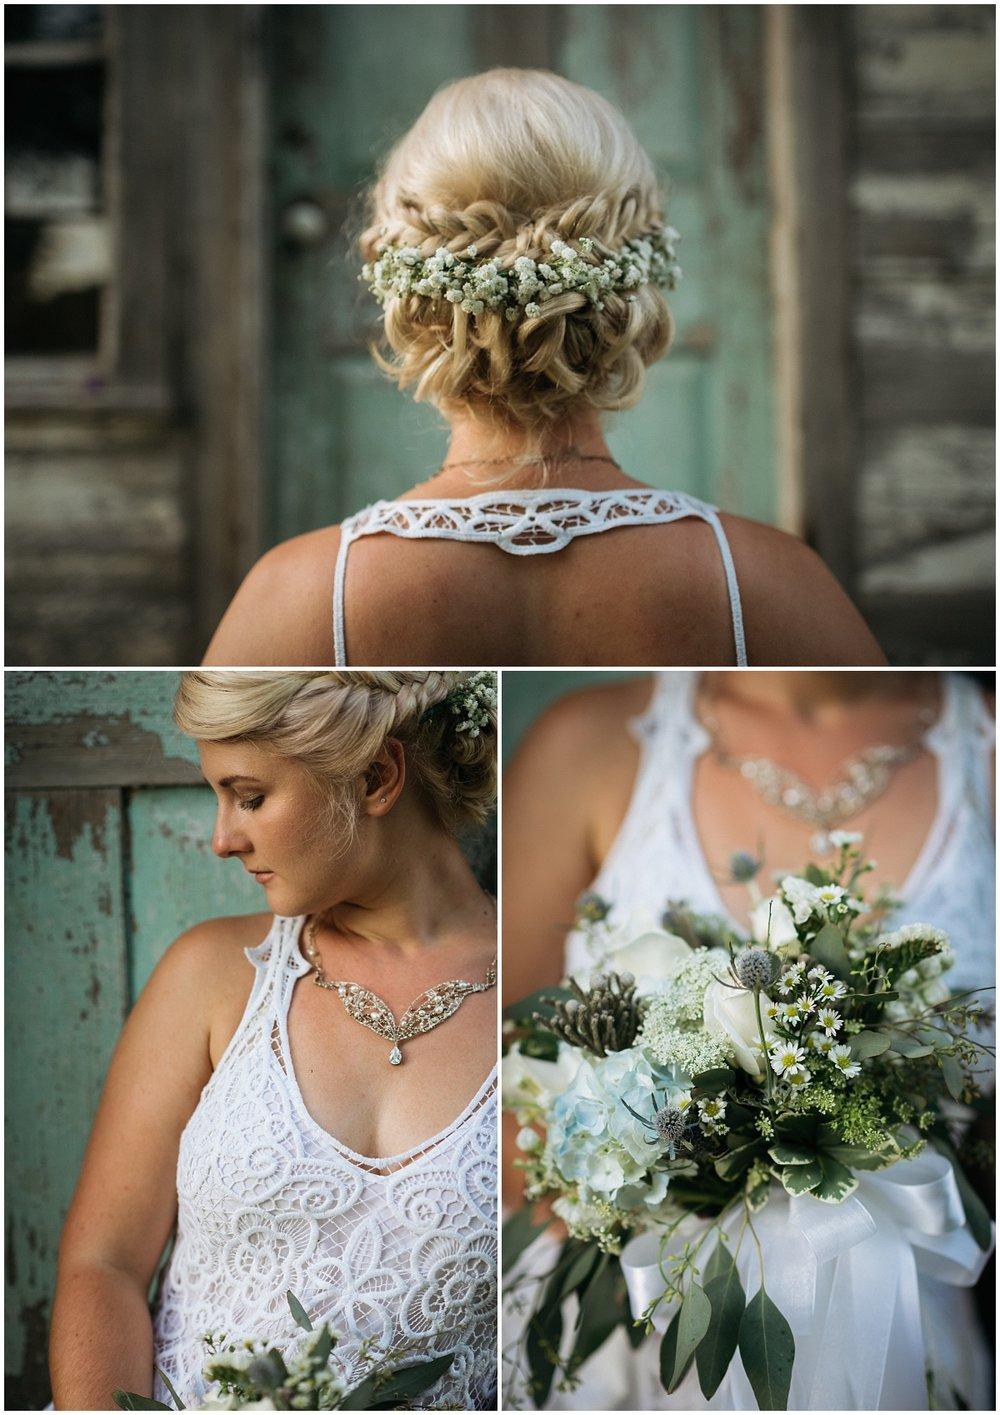 More bridal details